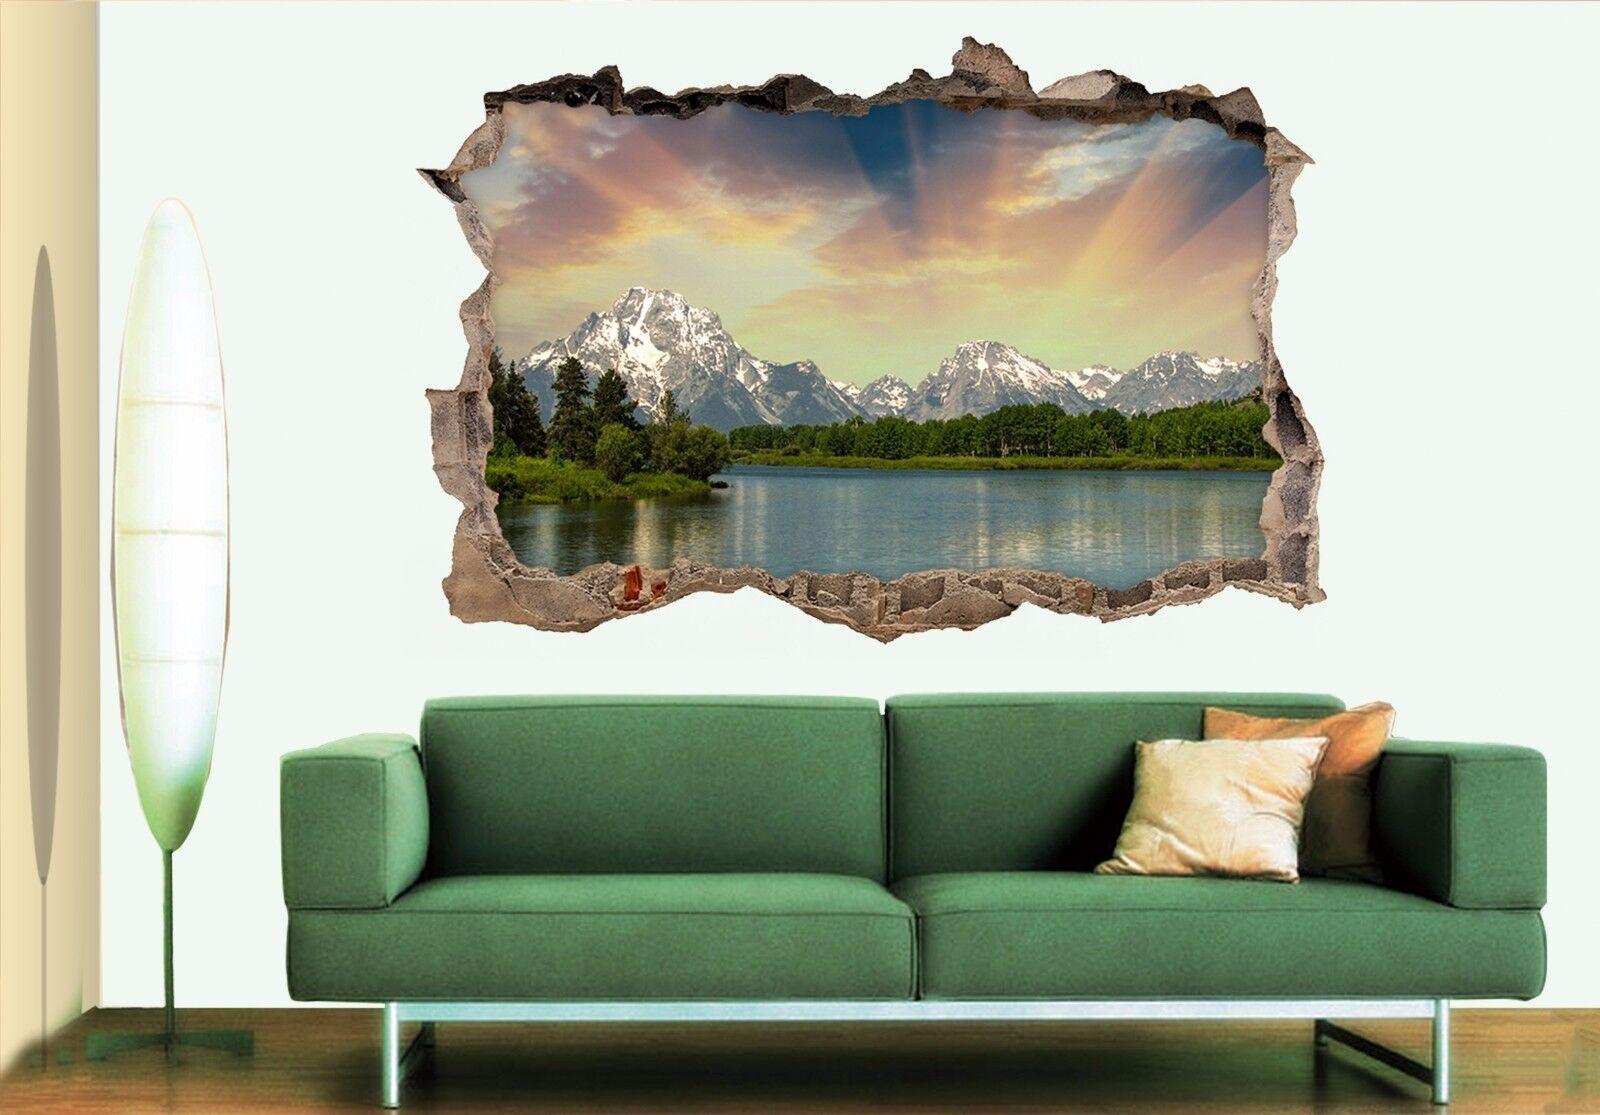 3D Berg Sonne See 8 Mauer Murals Mauer Aufklebe Decal Durchbruch AJ WALLPAPER DE